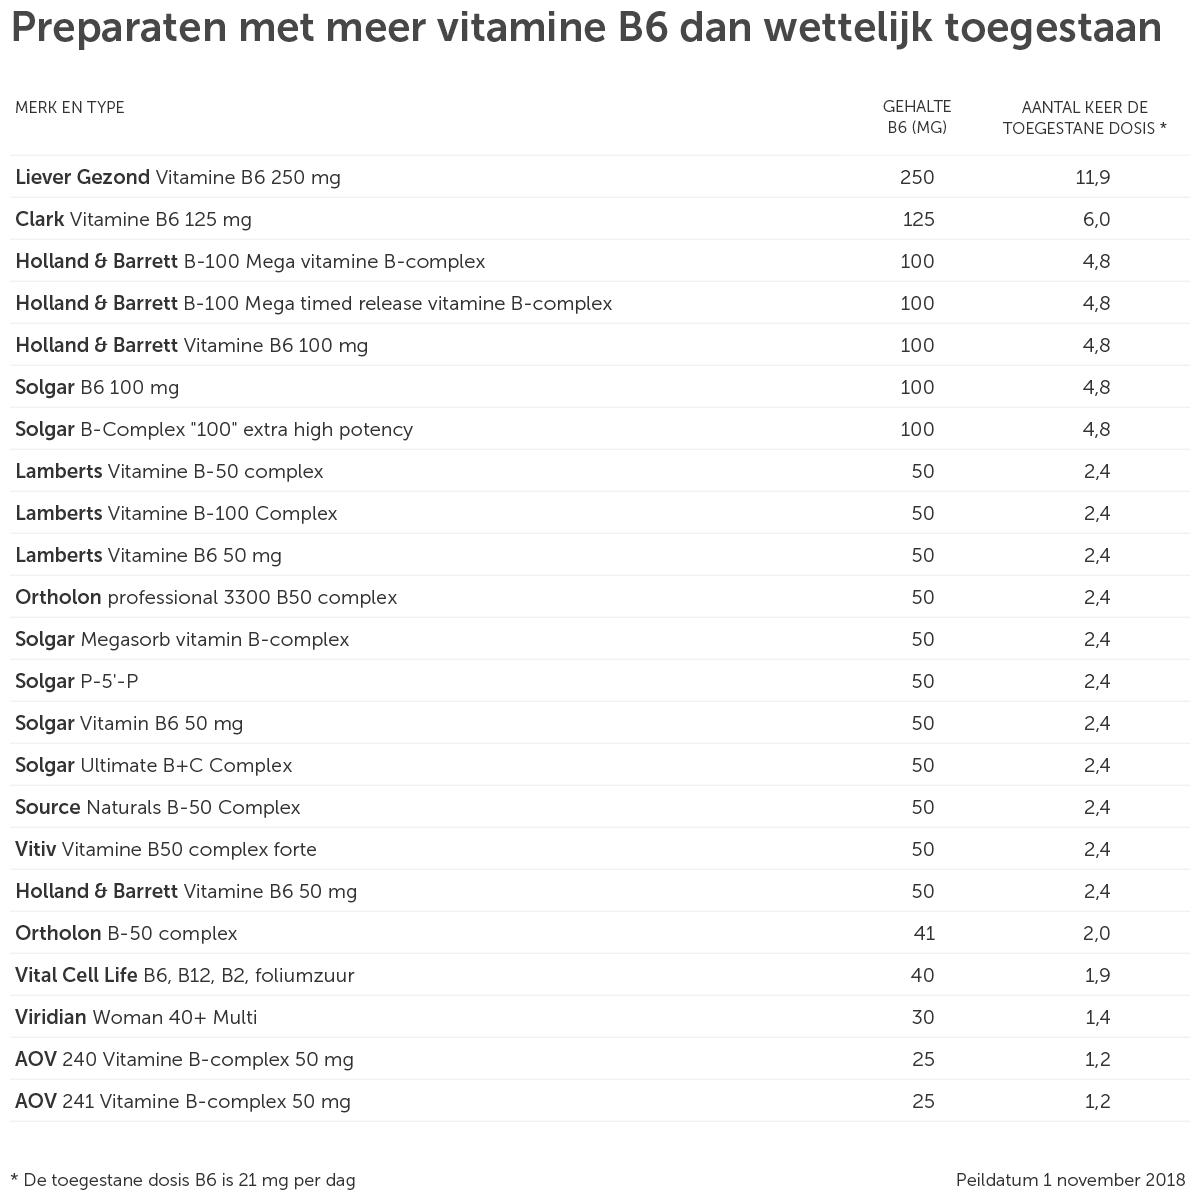 B6 vitamines